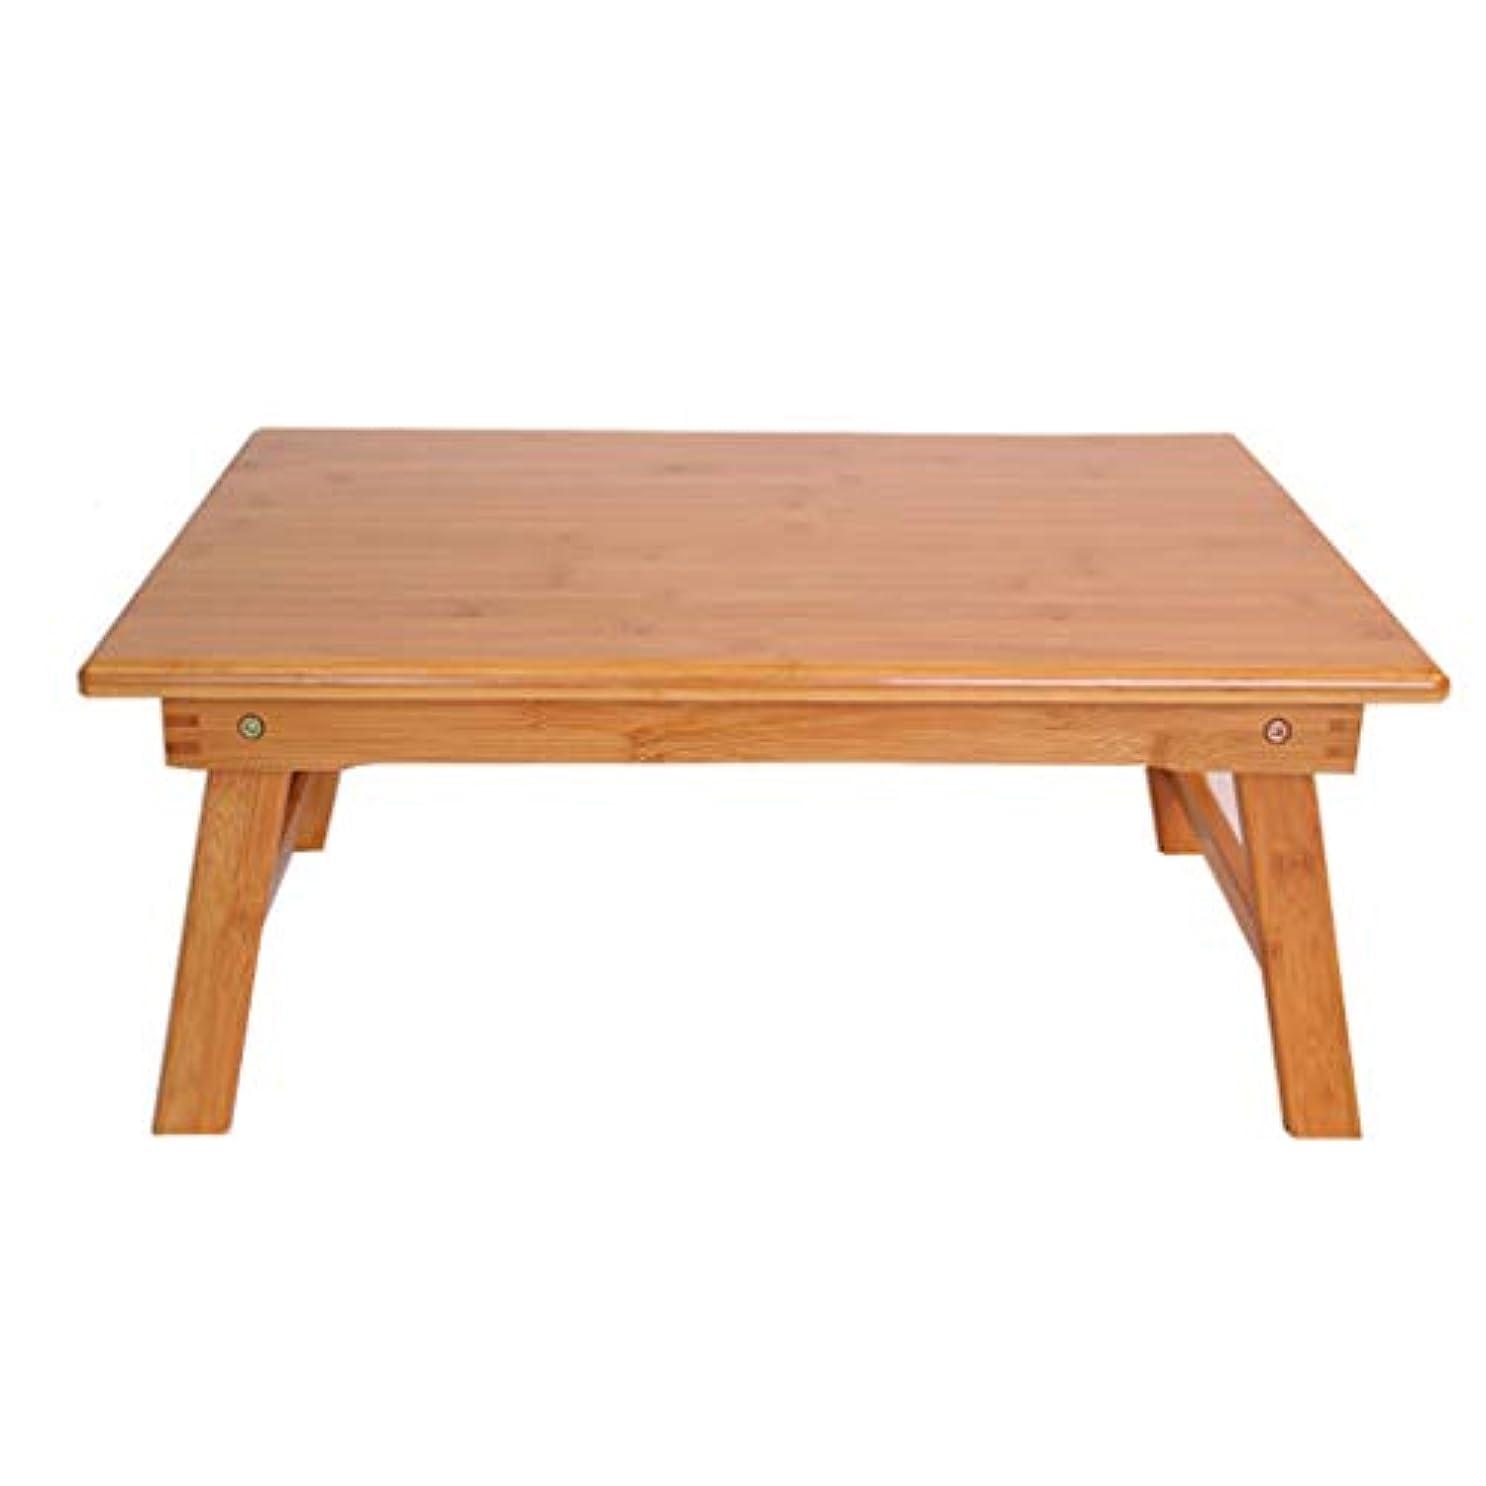 ステレオ品種アンティークNJ 折りたたみ式テーブル- 竹折り畳みラップトップデスク、家庭用寮コンピュータデスクスタディテーブル (色 : 木の色, サイズ さいず : 60x40x25cm)